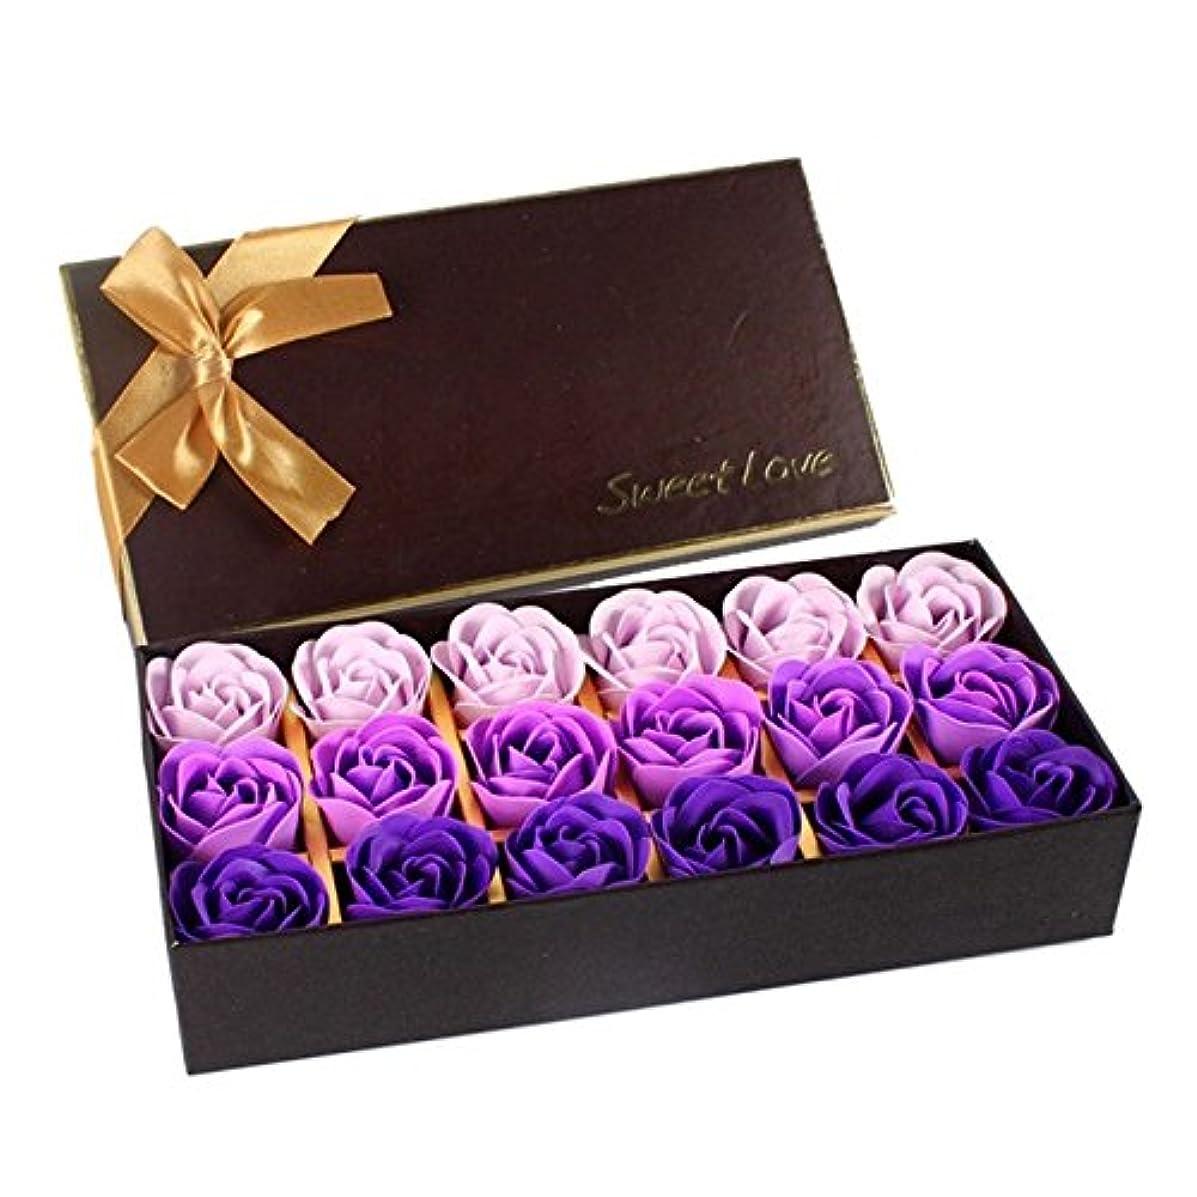 尾着飾る葉っぱローズ フラワーソープ 石鹸 薔薇 プレゼント お祝い ② #334